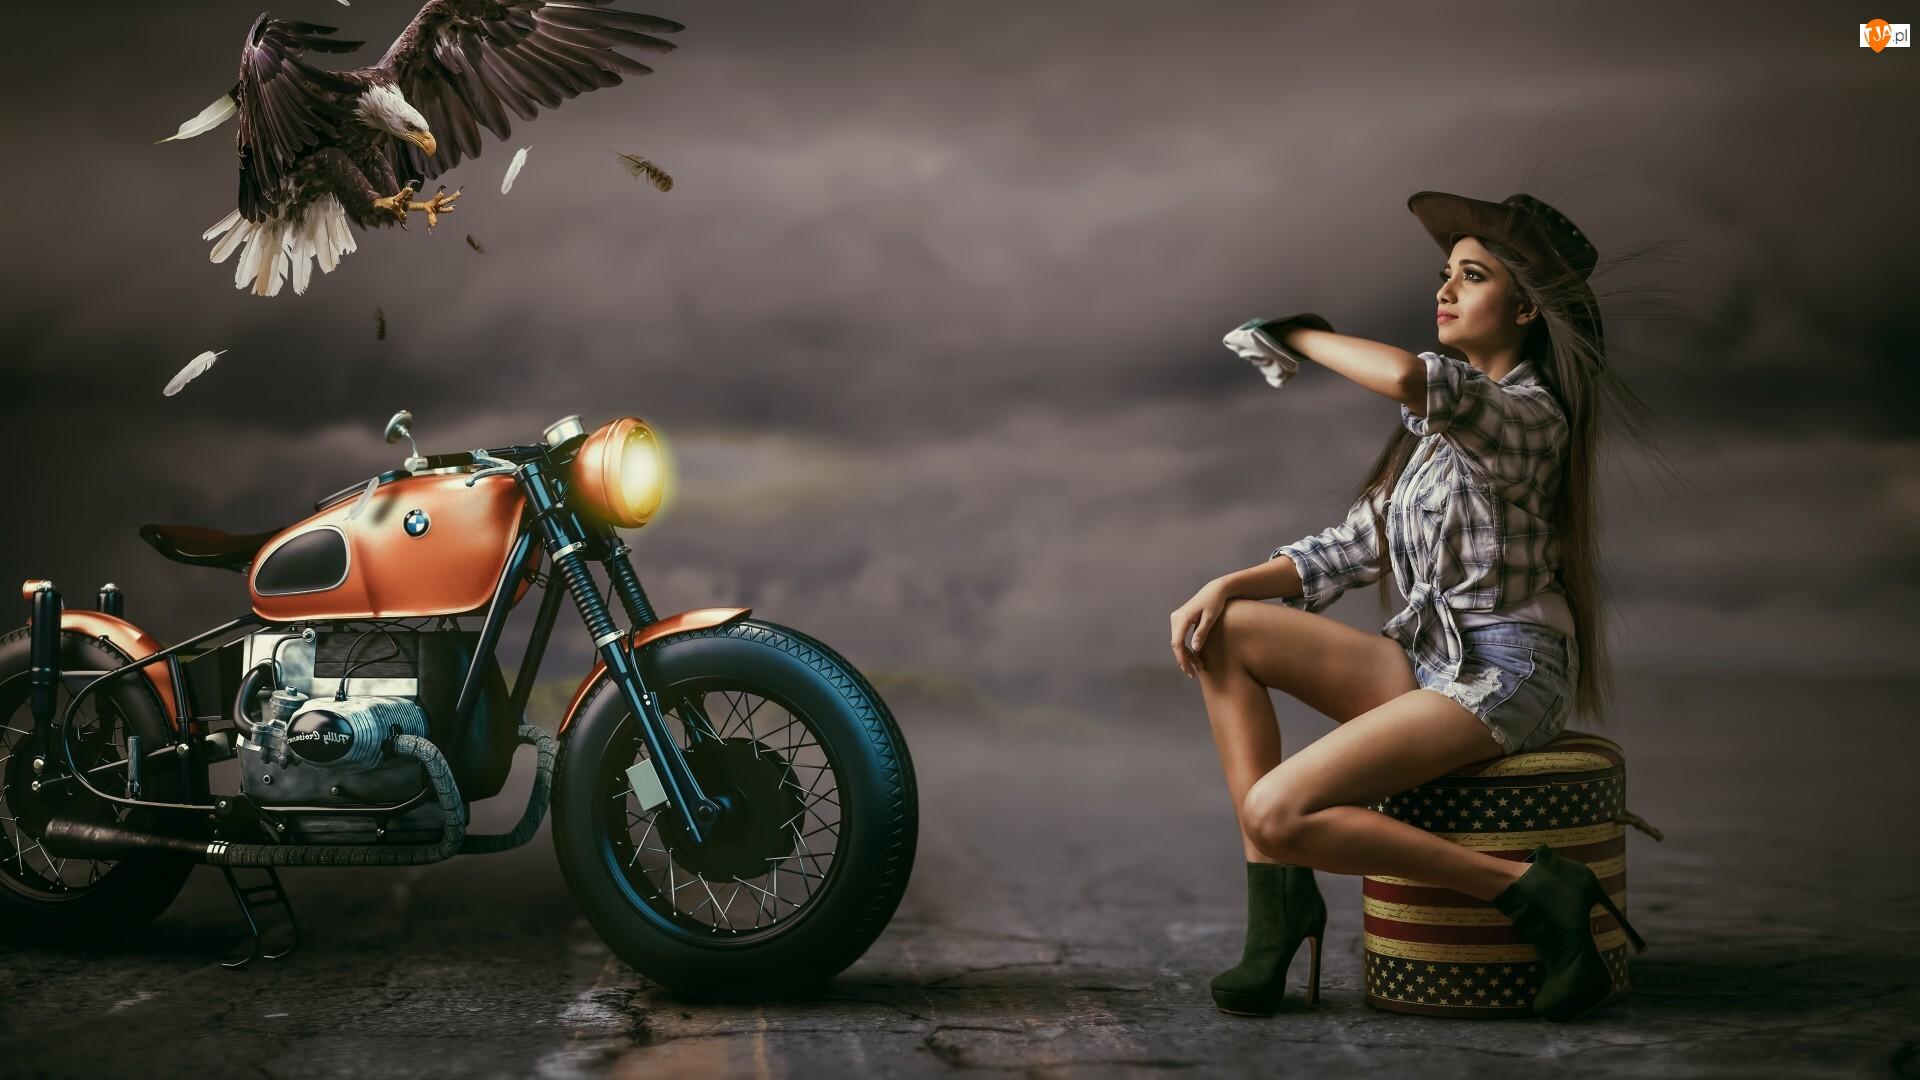 Bielik amerykański, Kobieta, Motocykl BMW